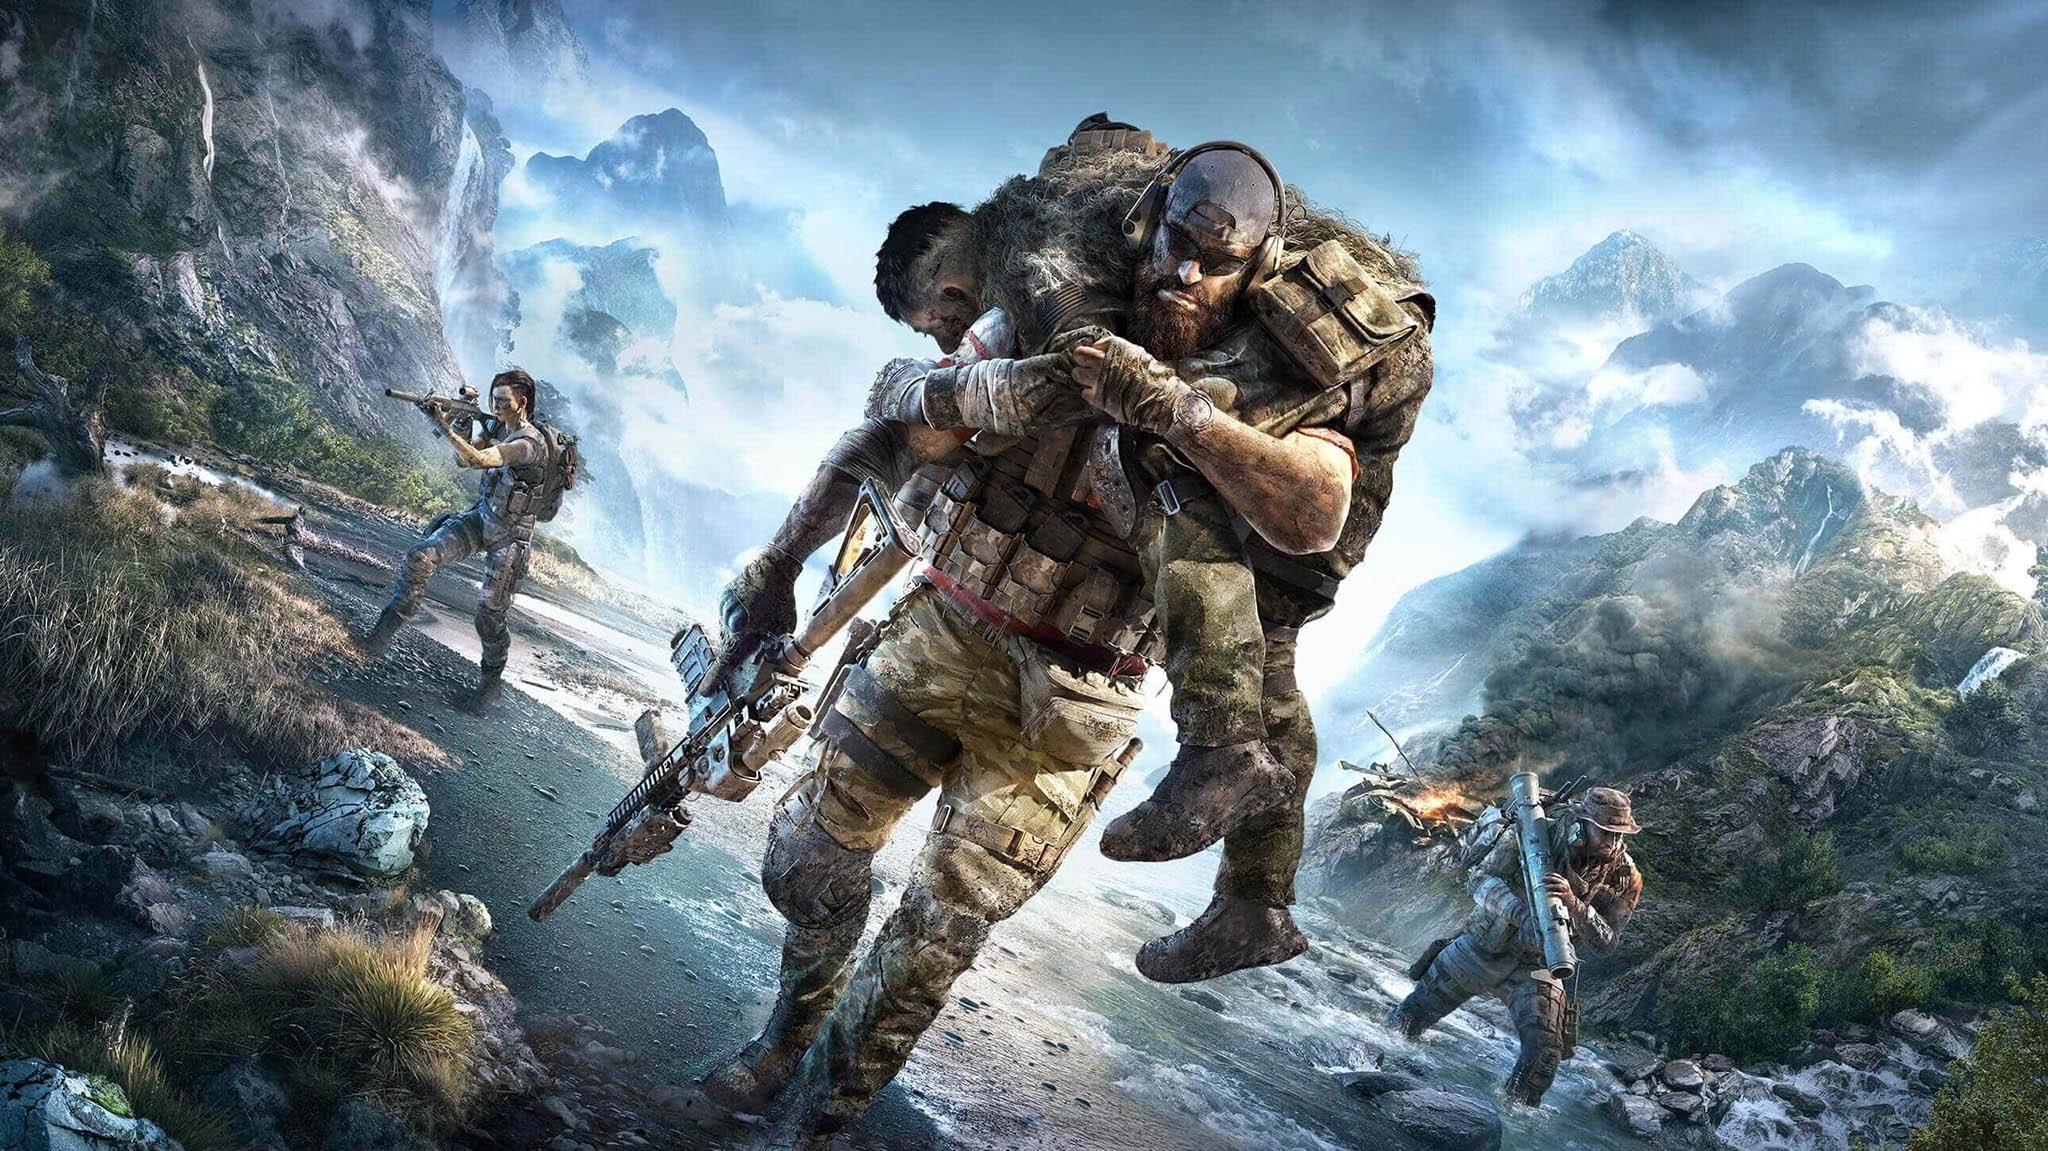 Novou videohru Ghost Recon: Breakpoint na motivy spisovatele Toma Clancyho je na PC možné vyzkoušet vrámci herního předplatného uPlay+.